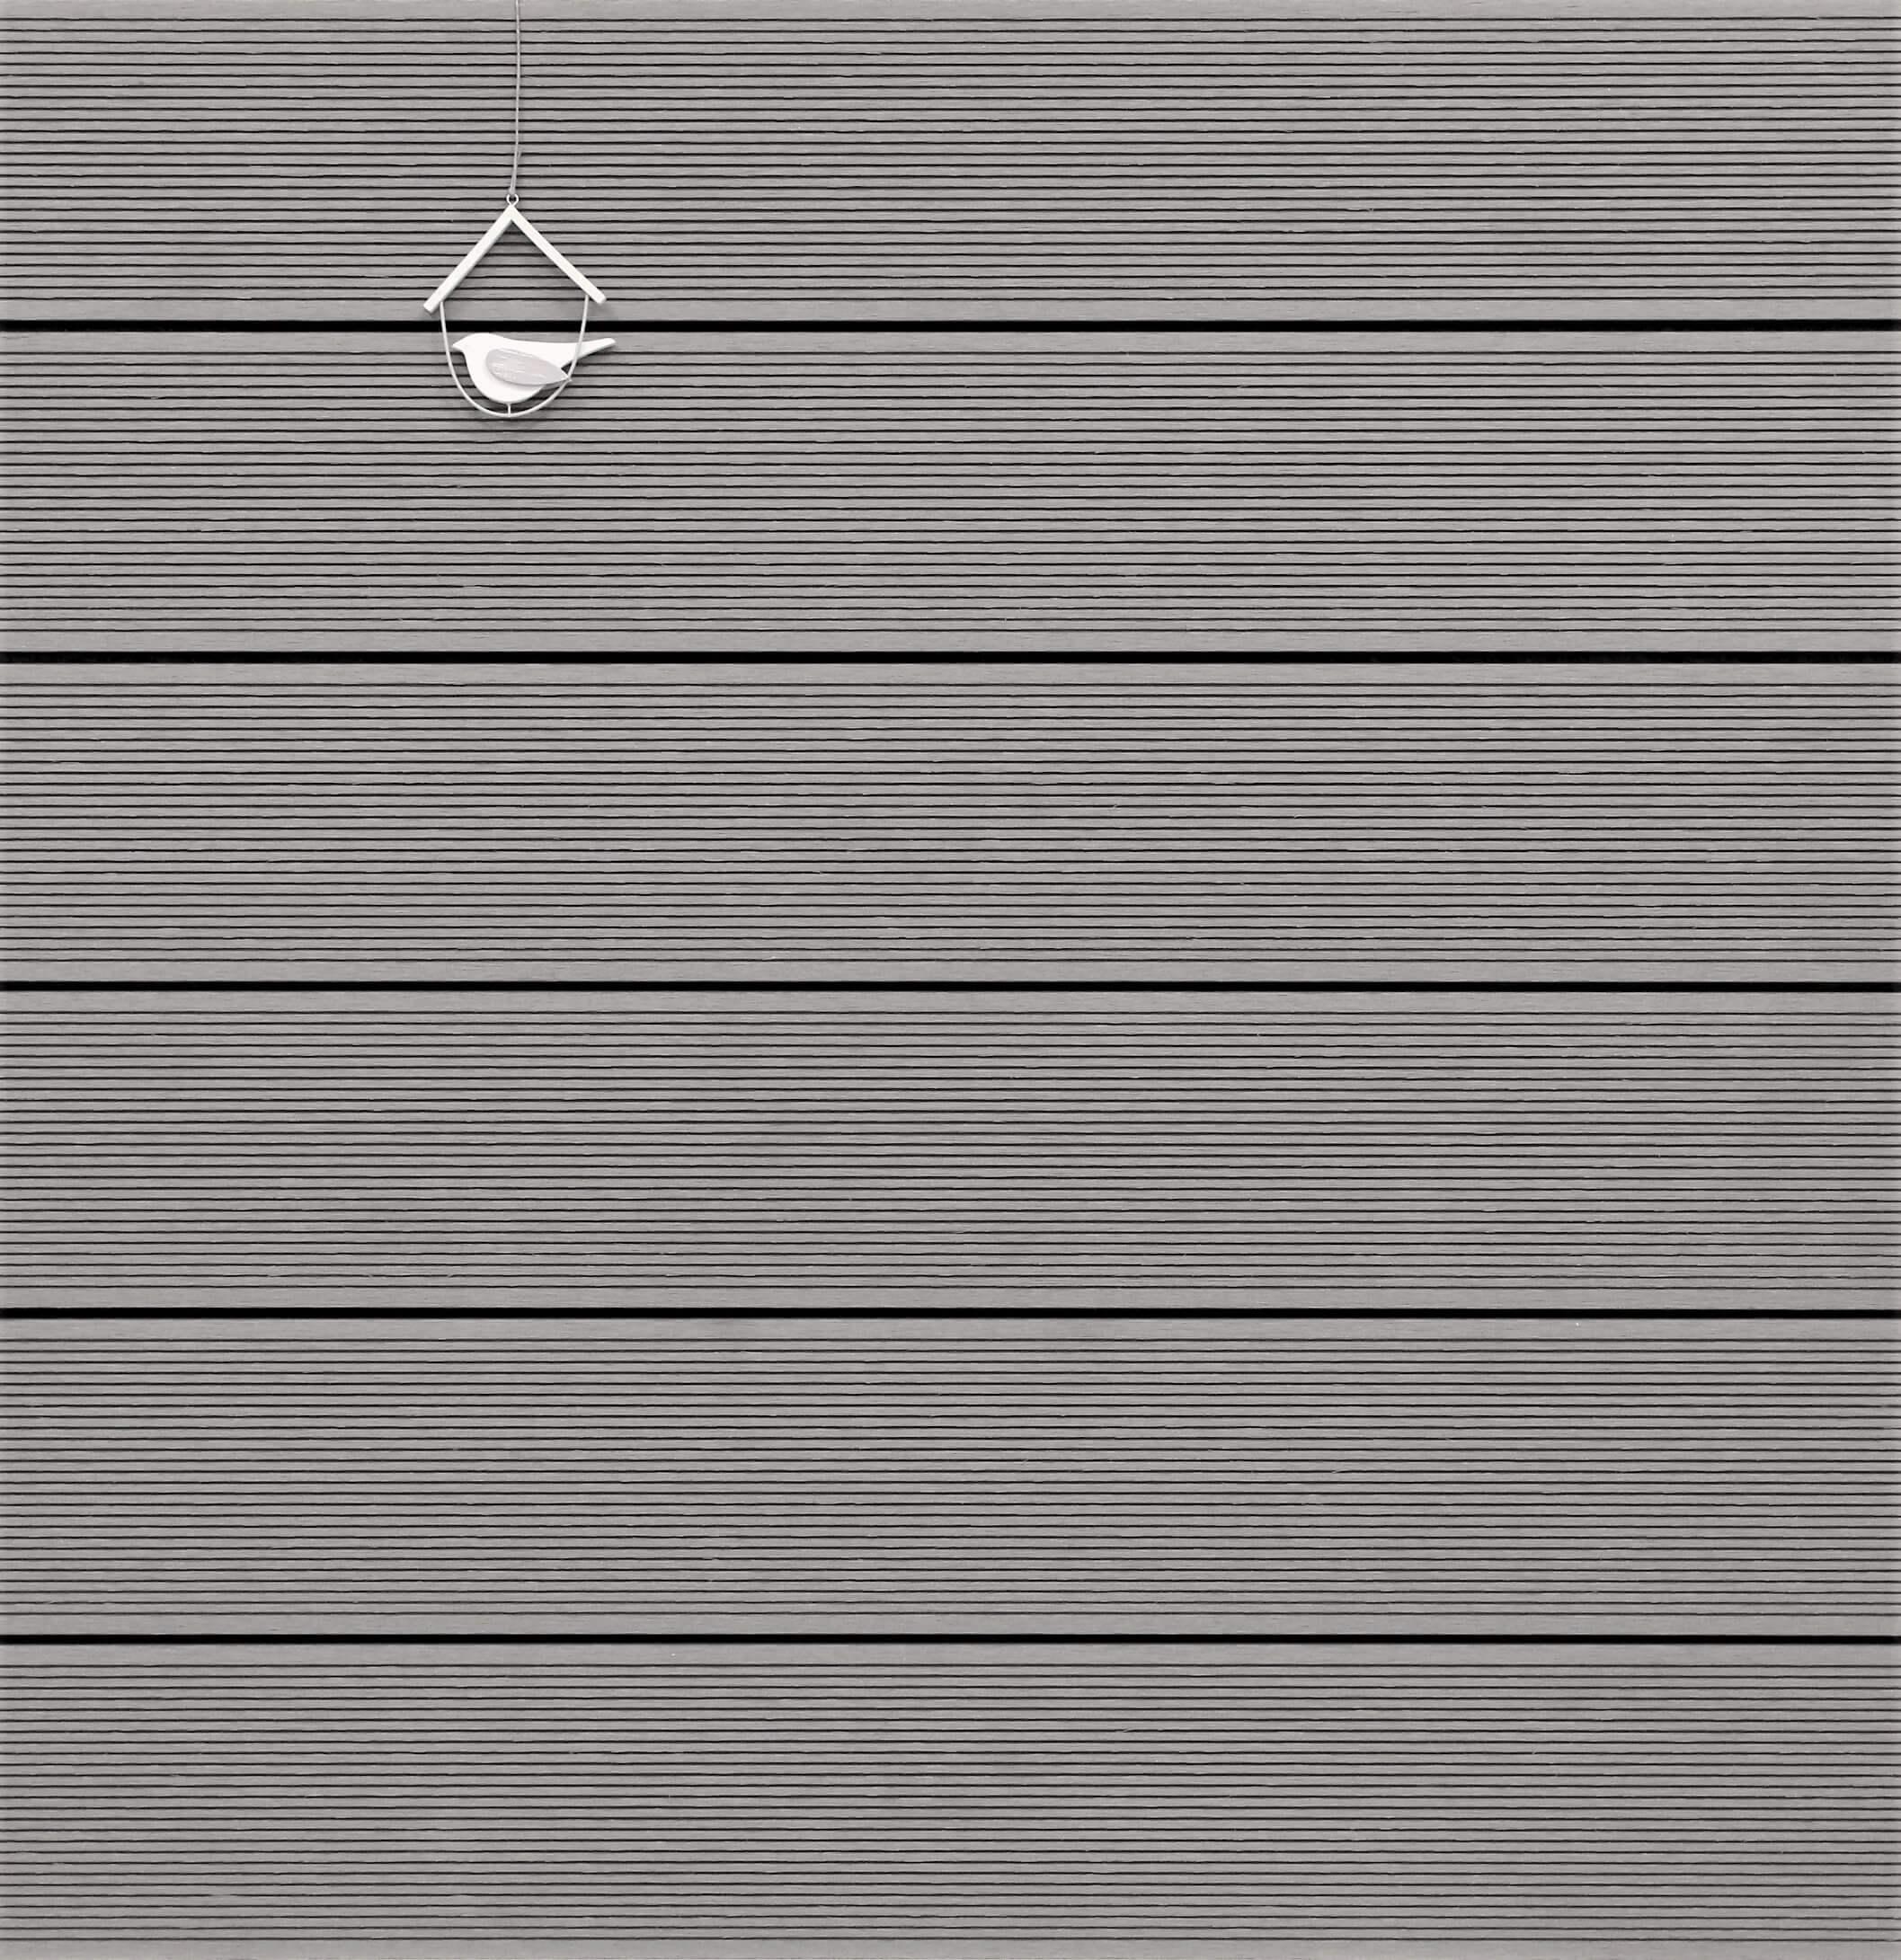 WPC Terrassendielen massiv, Oberfläche fein gerillt, Farbton hellgrau, 22 x 143 bis 4800 mm für 8,95 €/lfm